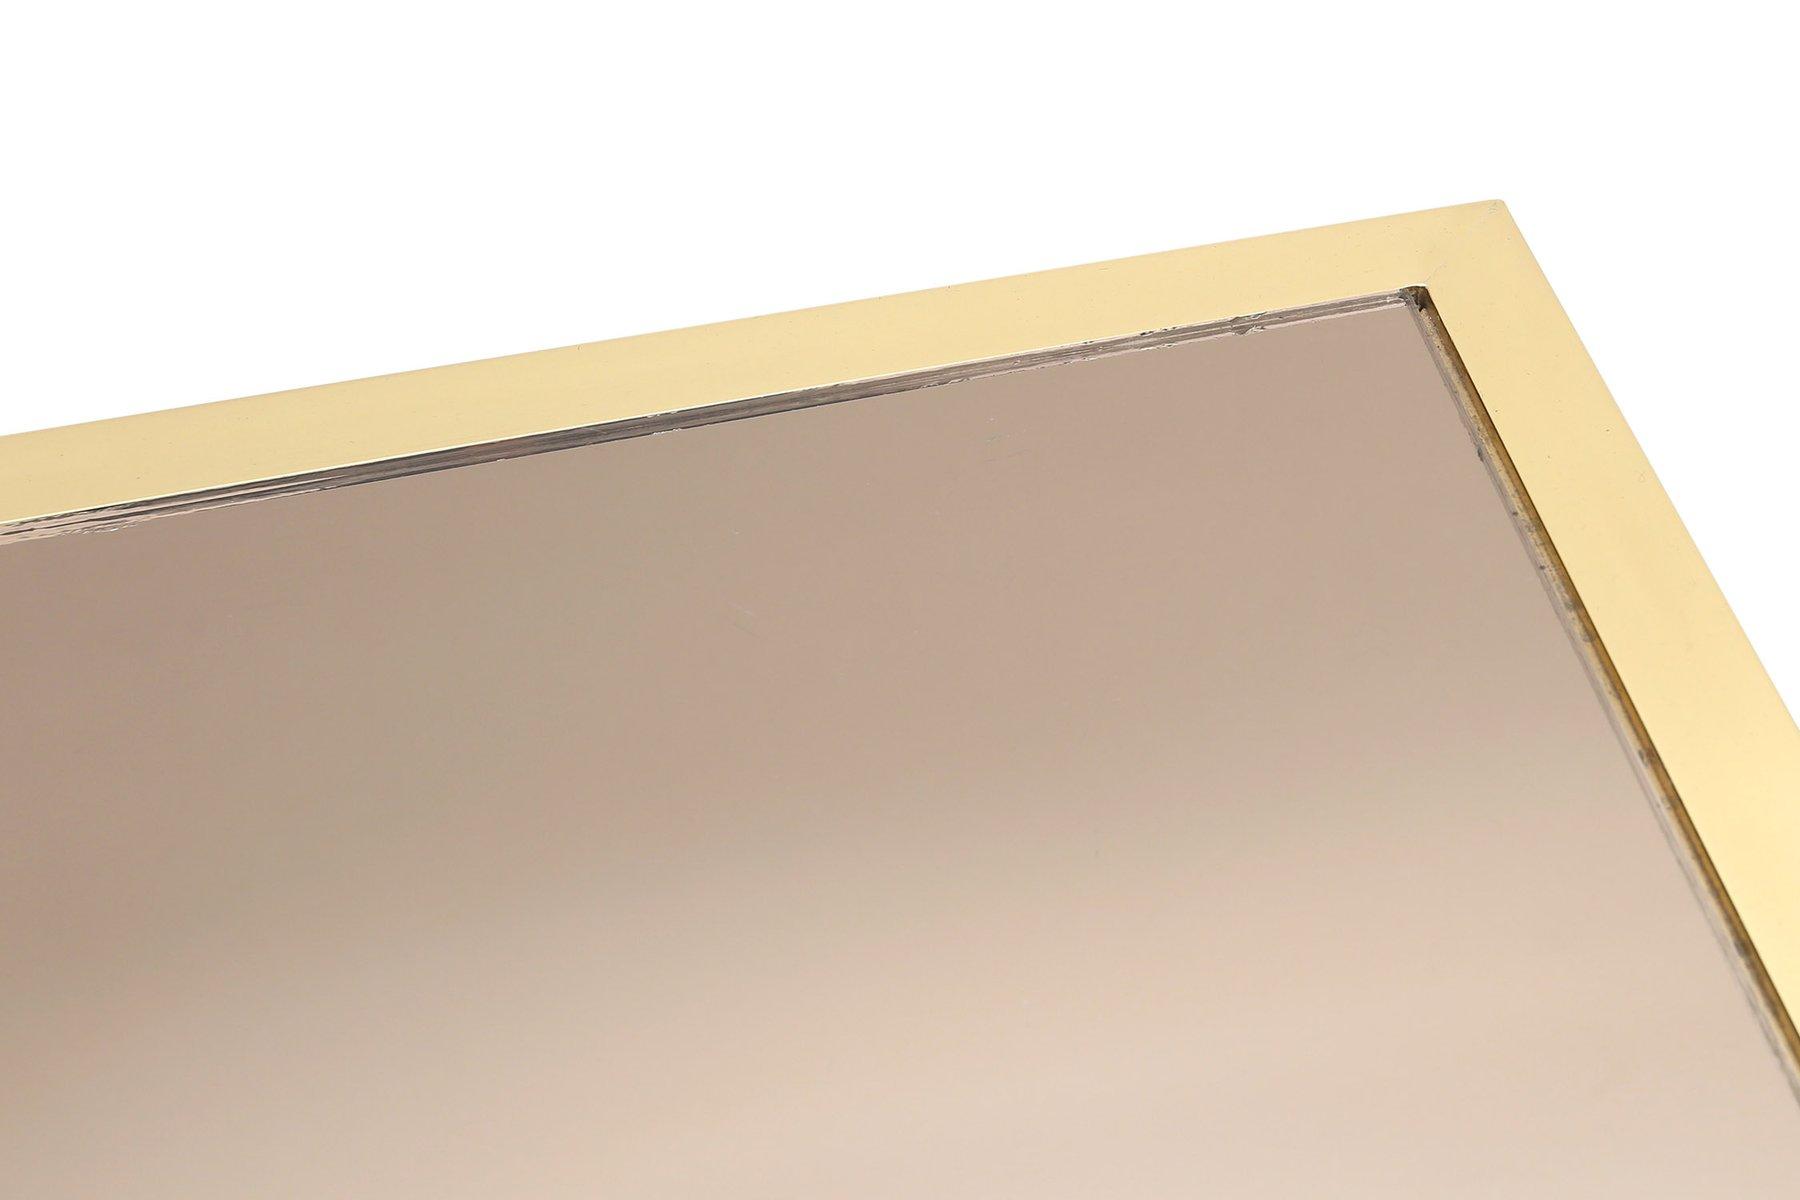 console en laiton et en chrome en vente sur pamono. Black Bedroom Furniture Sets. Home Design Ideas